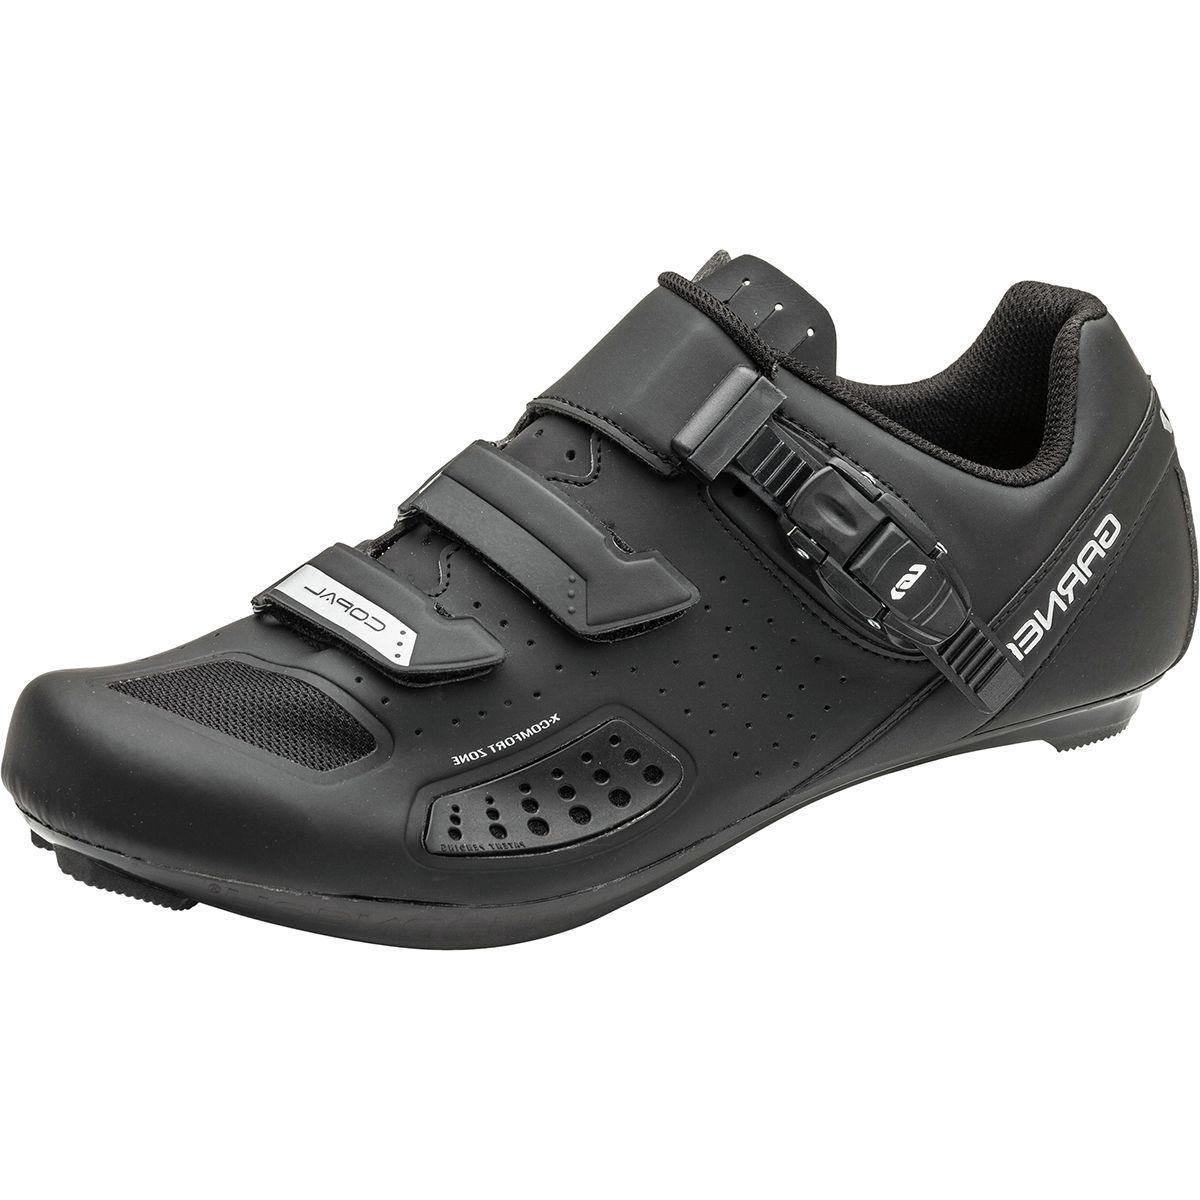 Louis Garneau Copal II Cycling Shoe - Men's